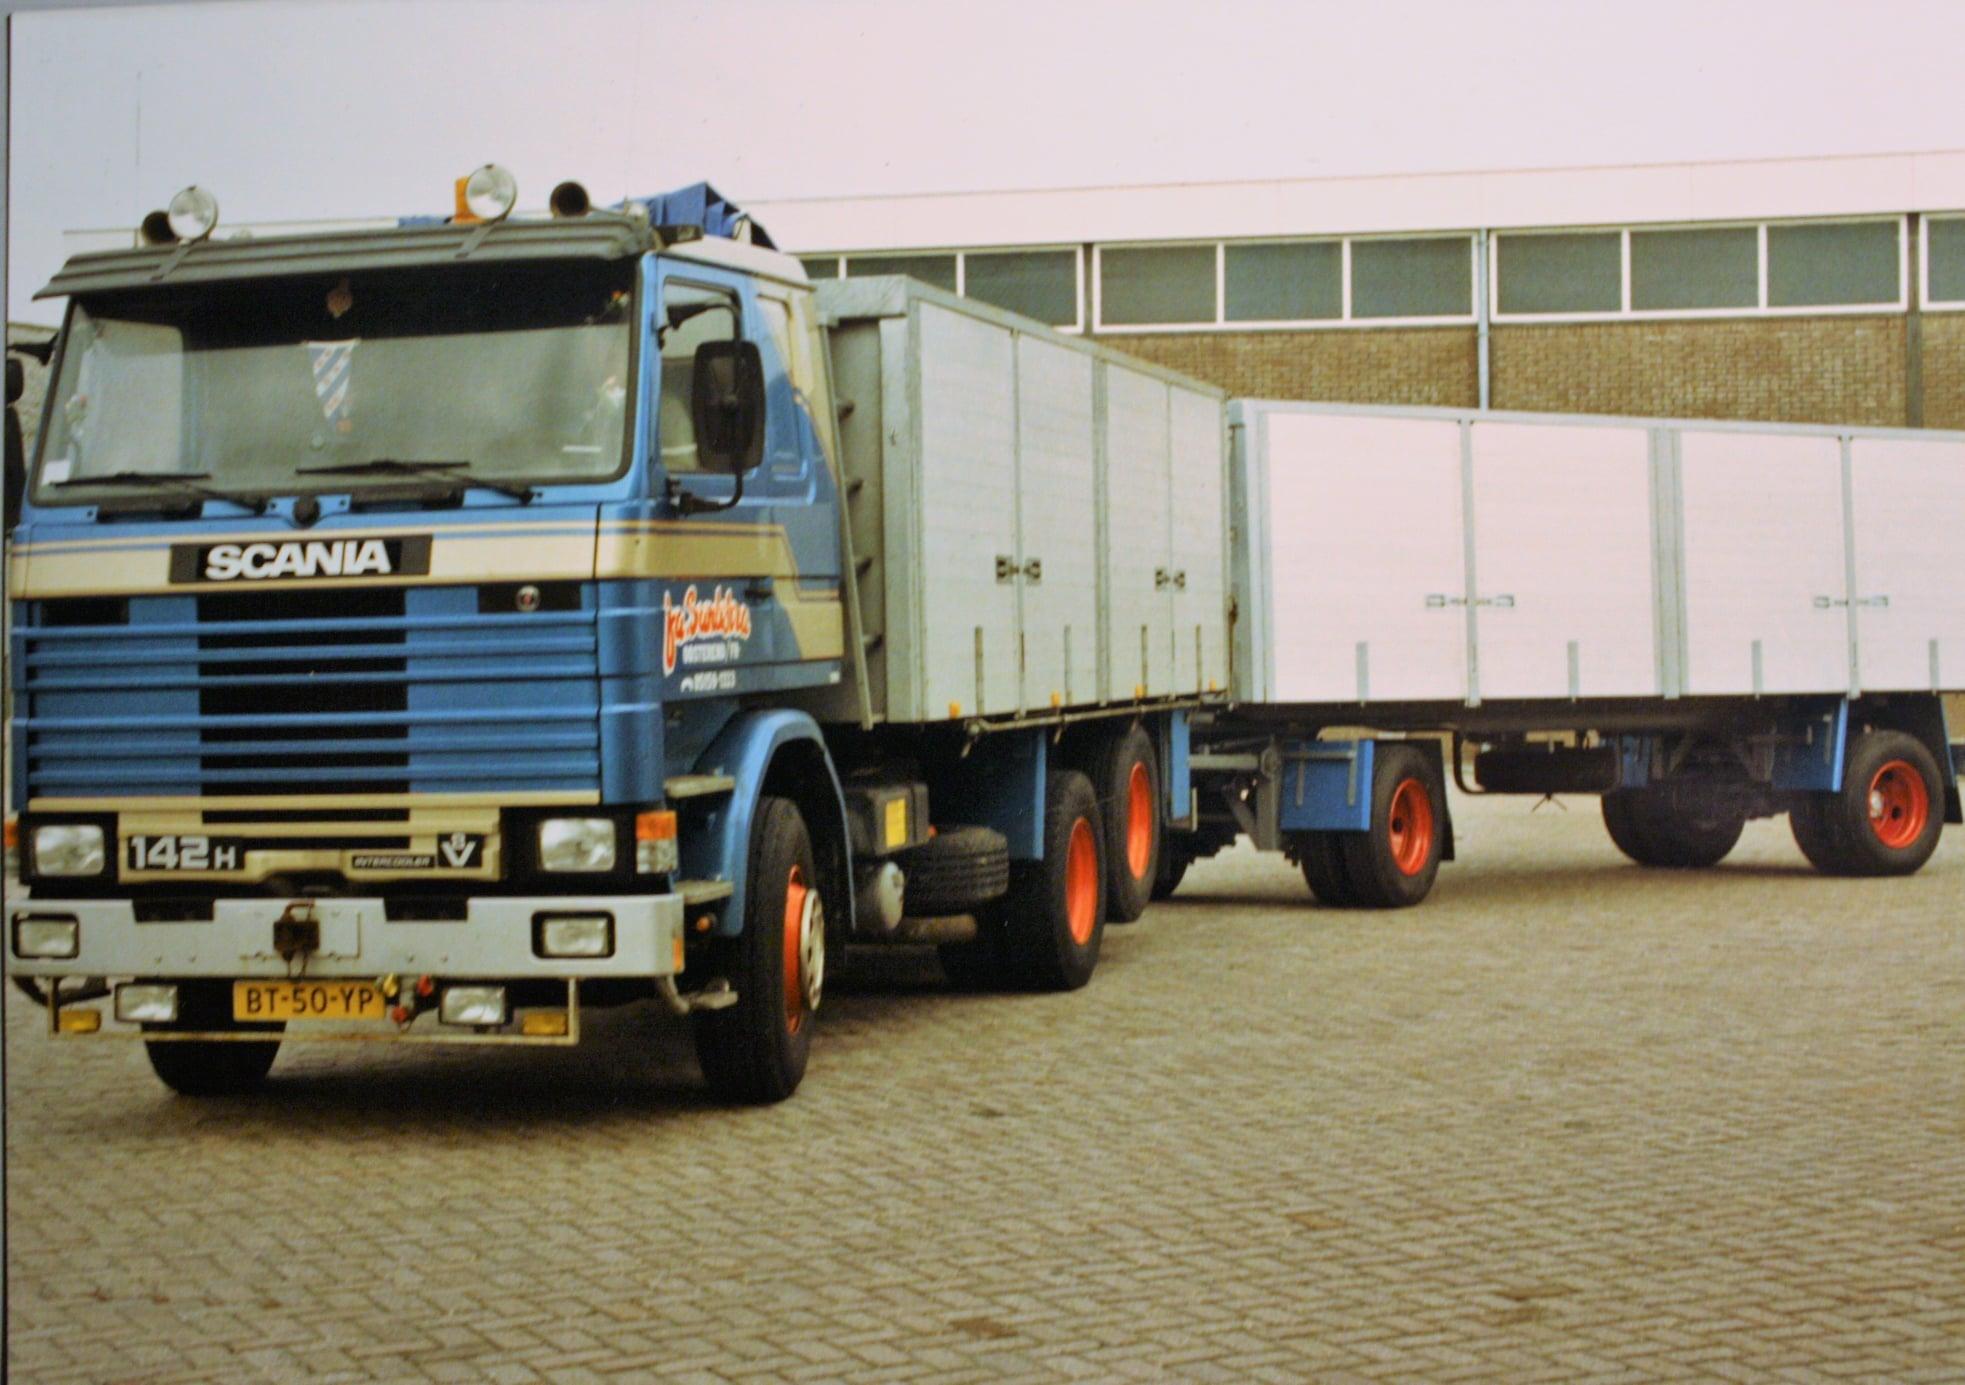 Scania--142-H-V8-met-een-aanhangwagen-door-Rondaan-in-Berlikum-opgebouwd-voor-Sandstra-(1)